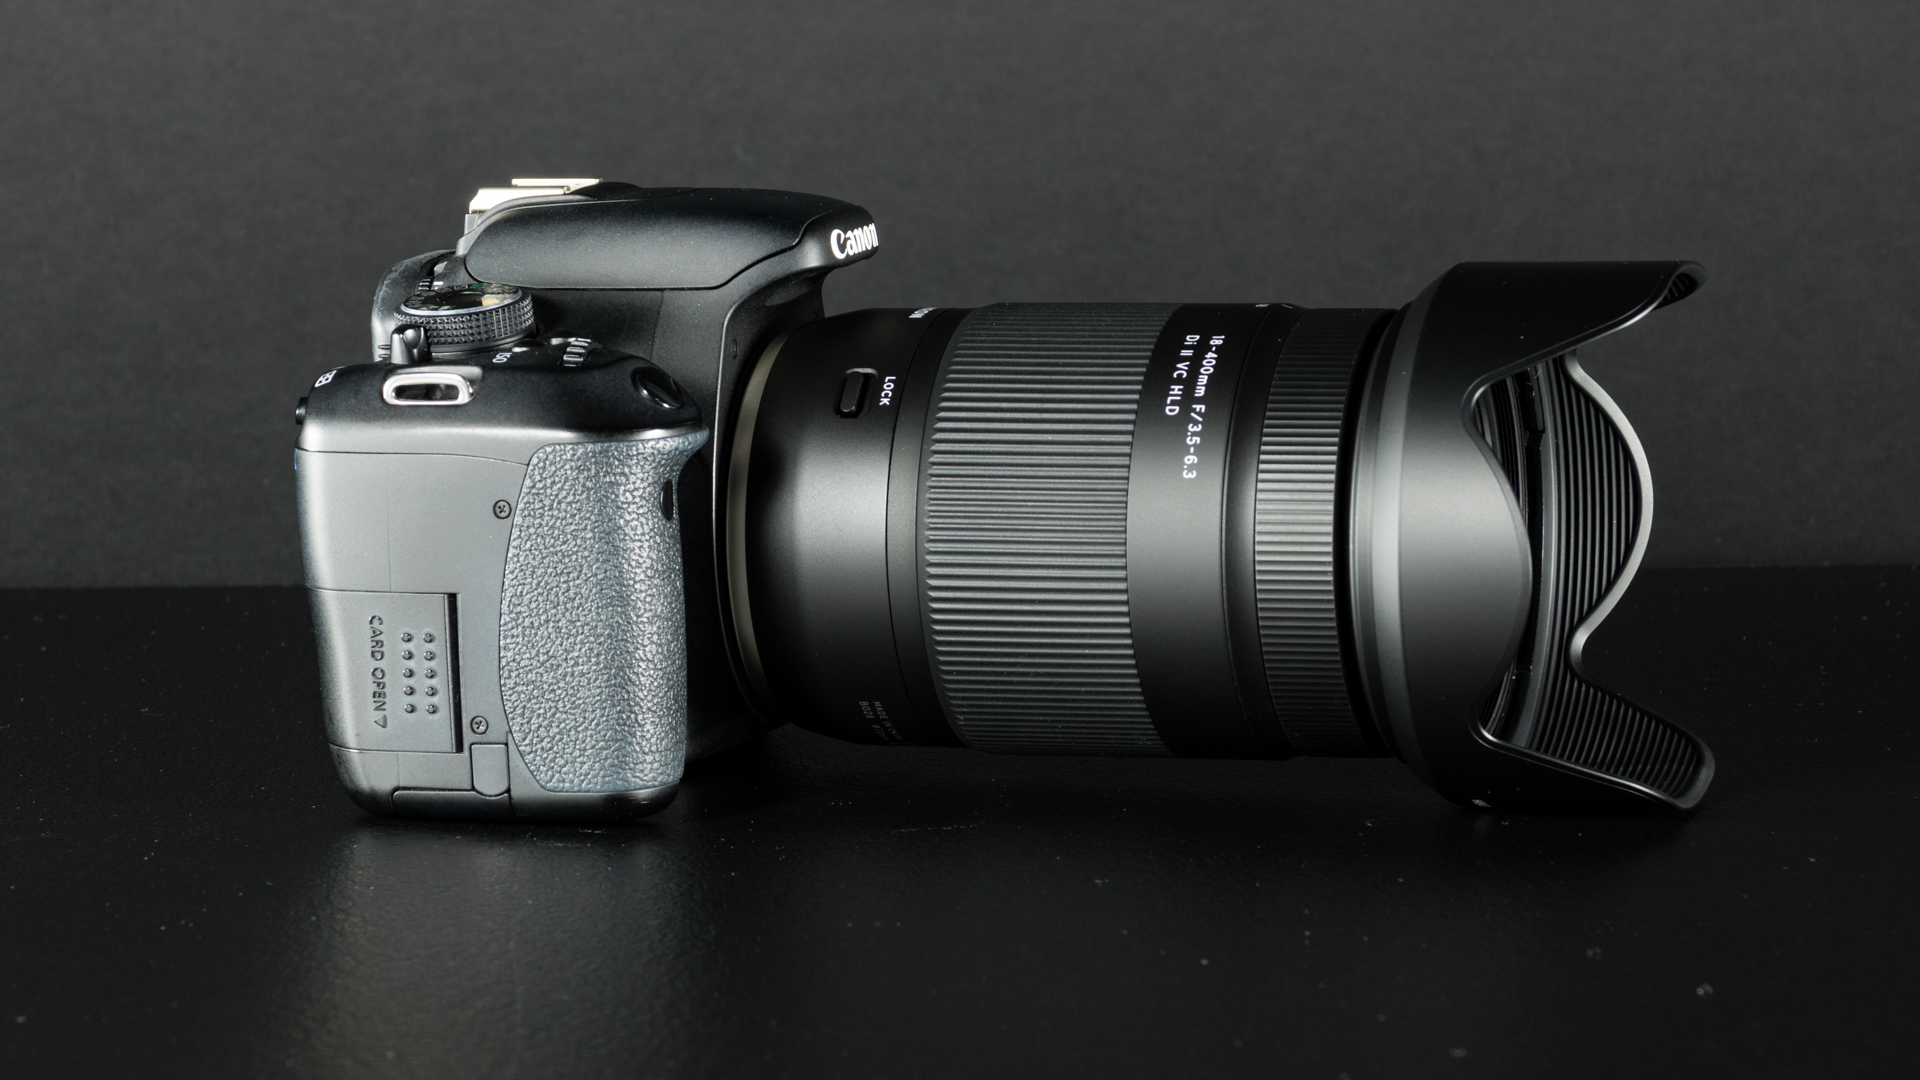 Tohutu 22,2× suumiga Tamron 18-400mm objektiiv nüüd sooduskomplektis populaarsete Canon ja Nikon peegelkaameratega